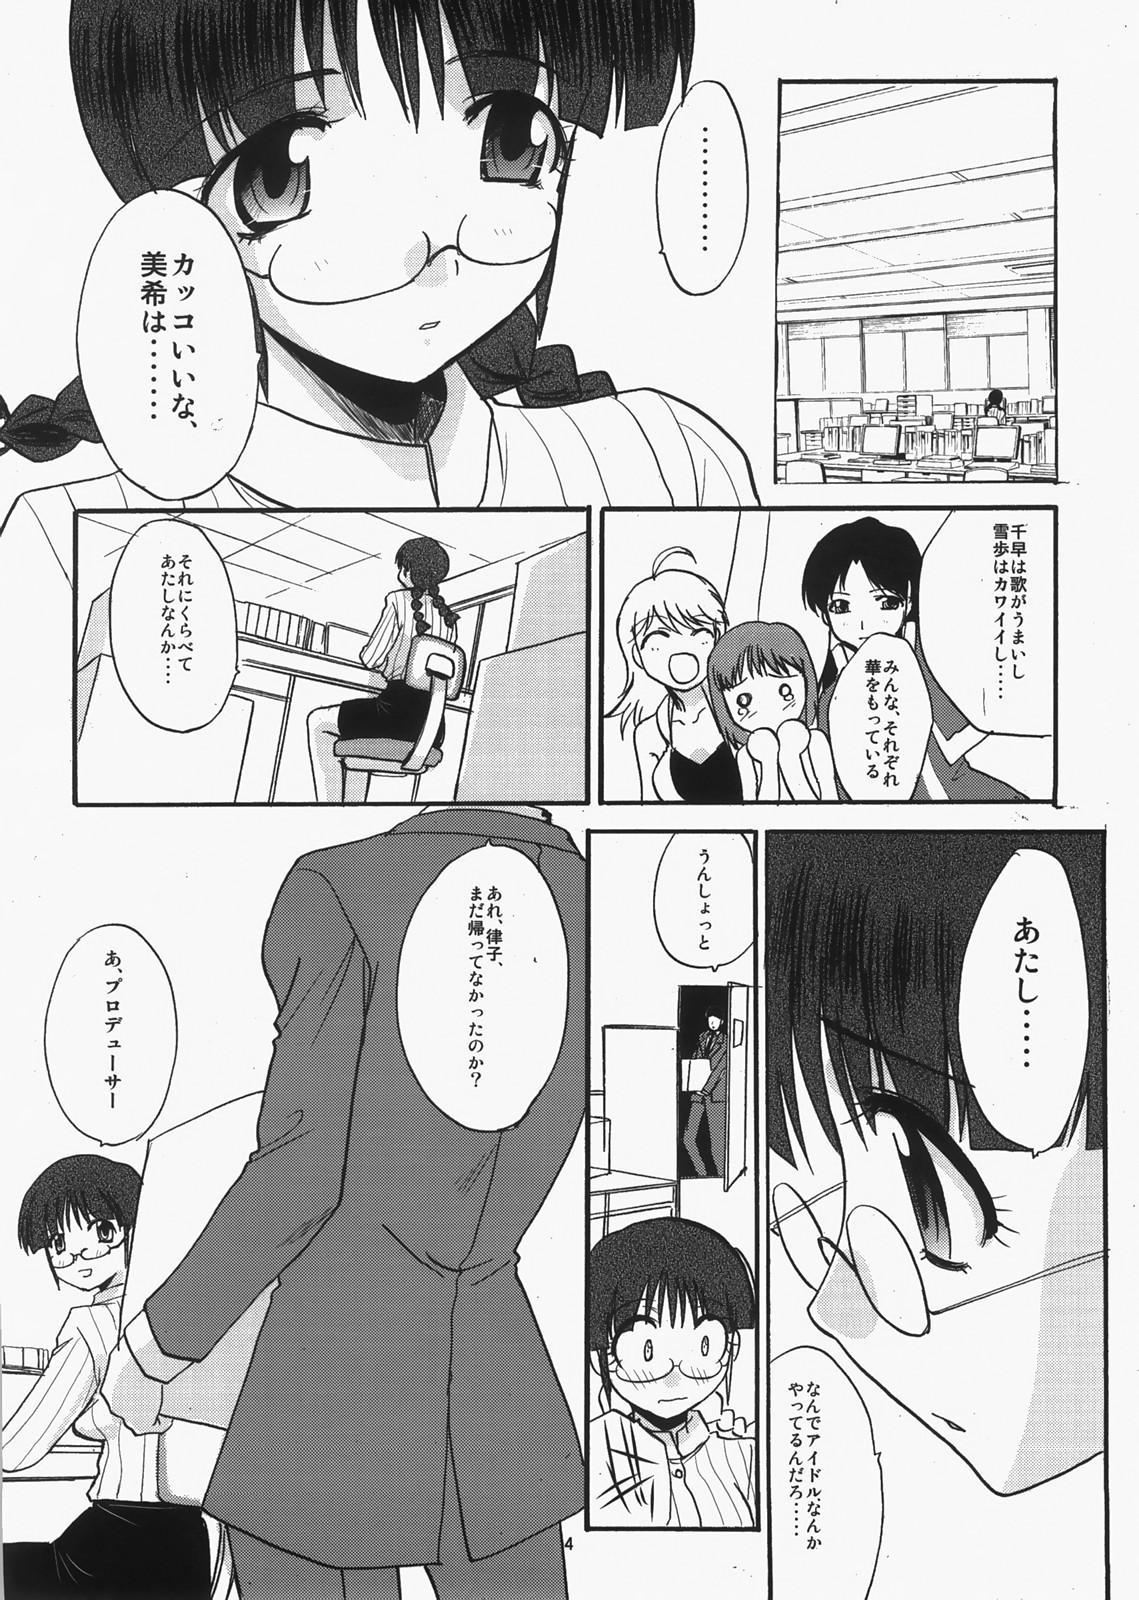 Ricchan wa Kawaii no Desuyo 4